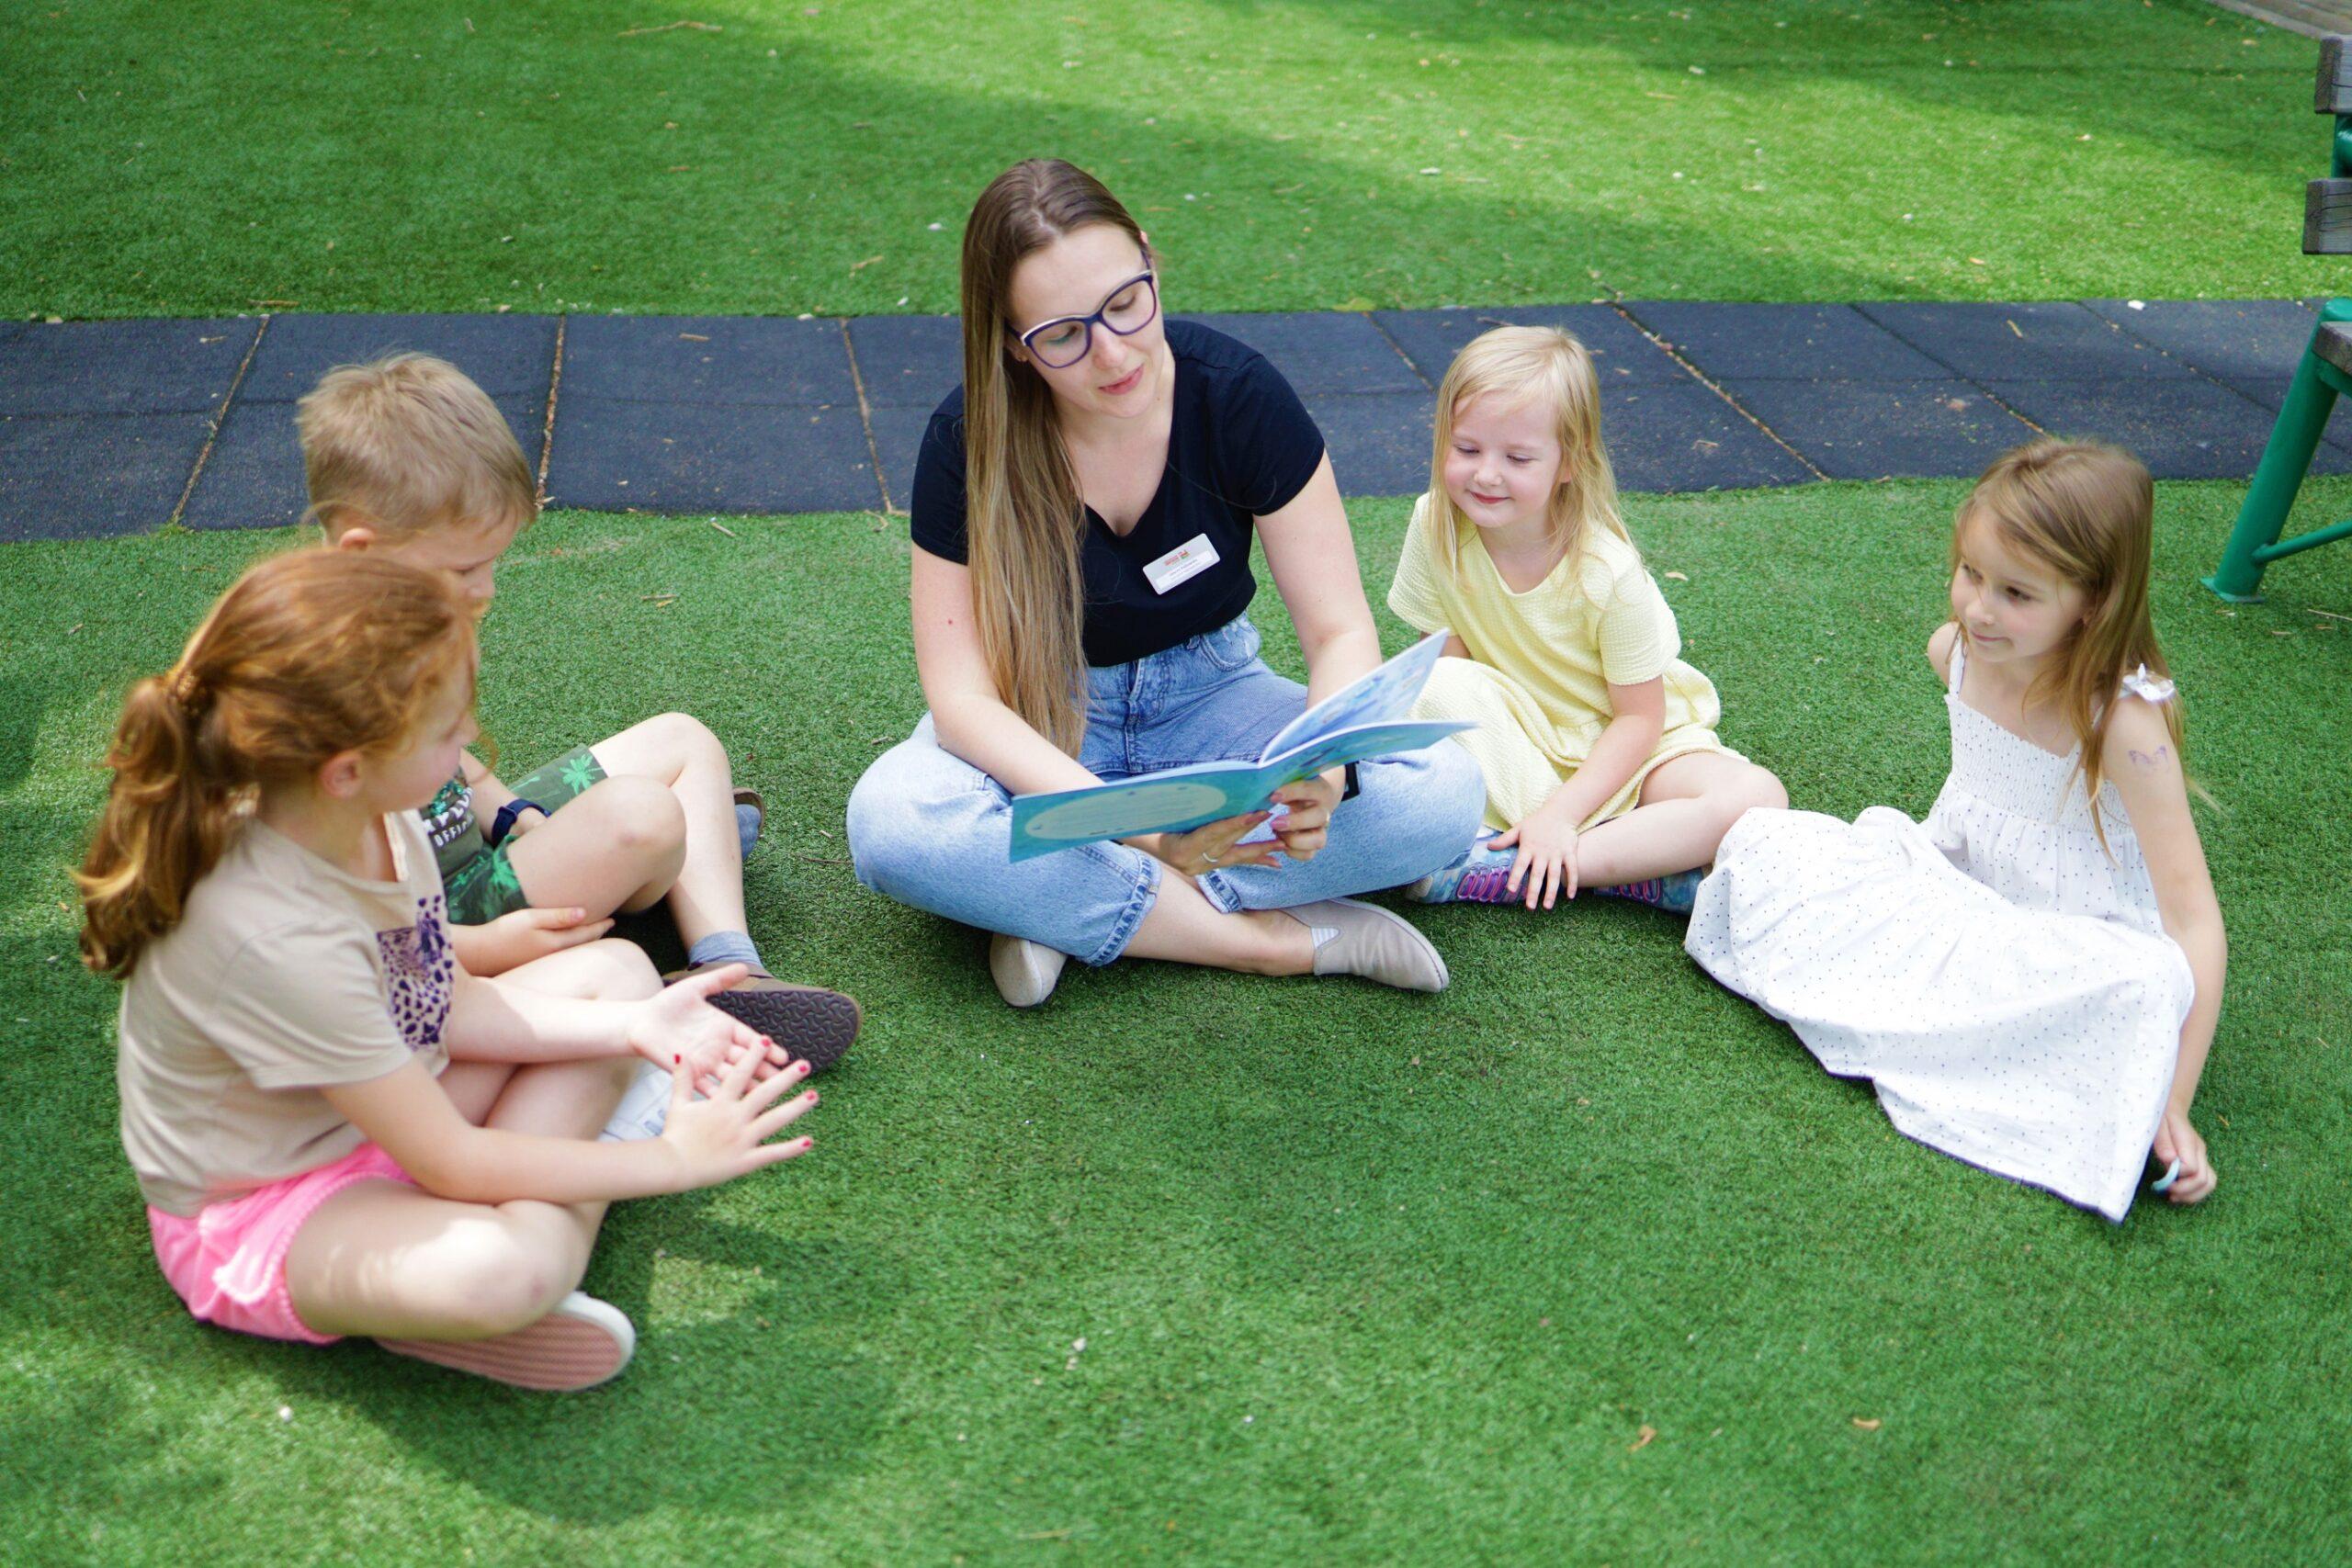 Nowoczesna edukacja ekologiczna zaczyna się już w przedszkolu.  Czy przedszkola ekologiczne to trend, który pozostanie z nami na dłużej?